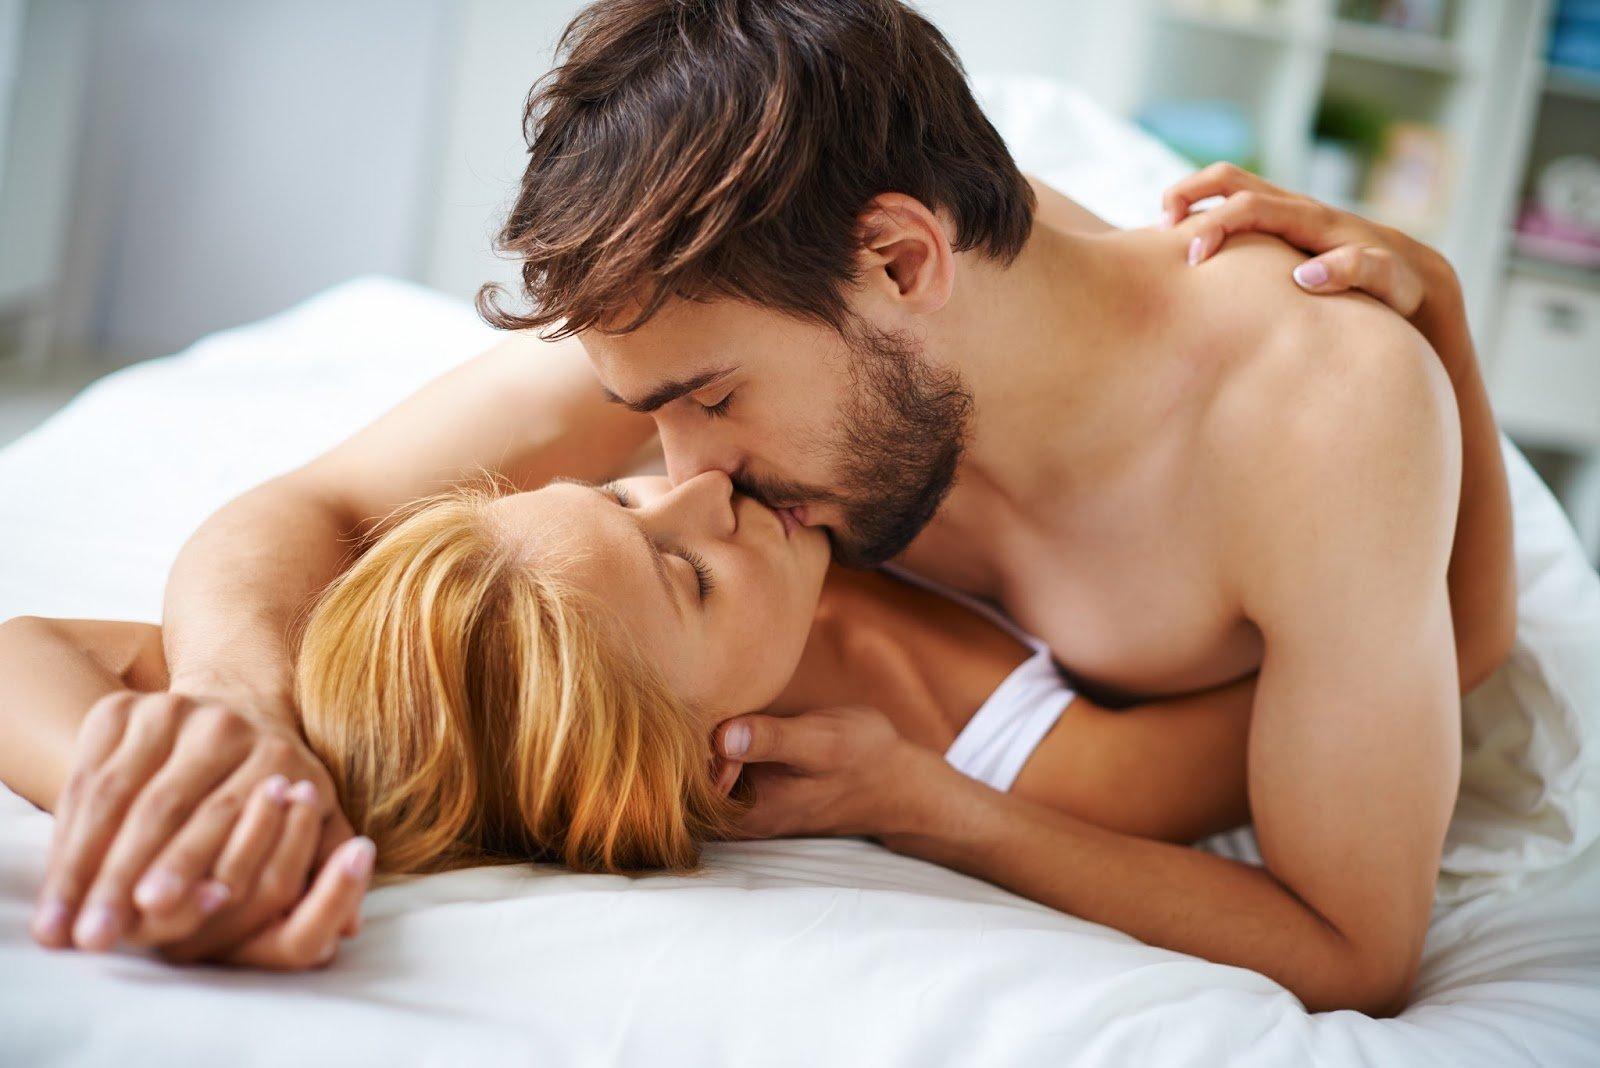 Смотреть онлайн хорошего качества ролик с красивым сексом